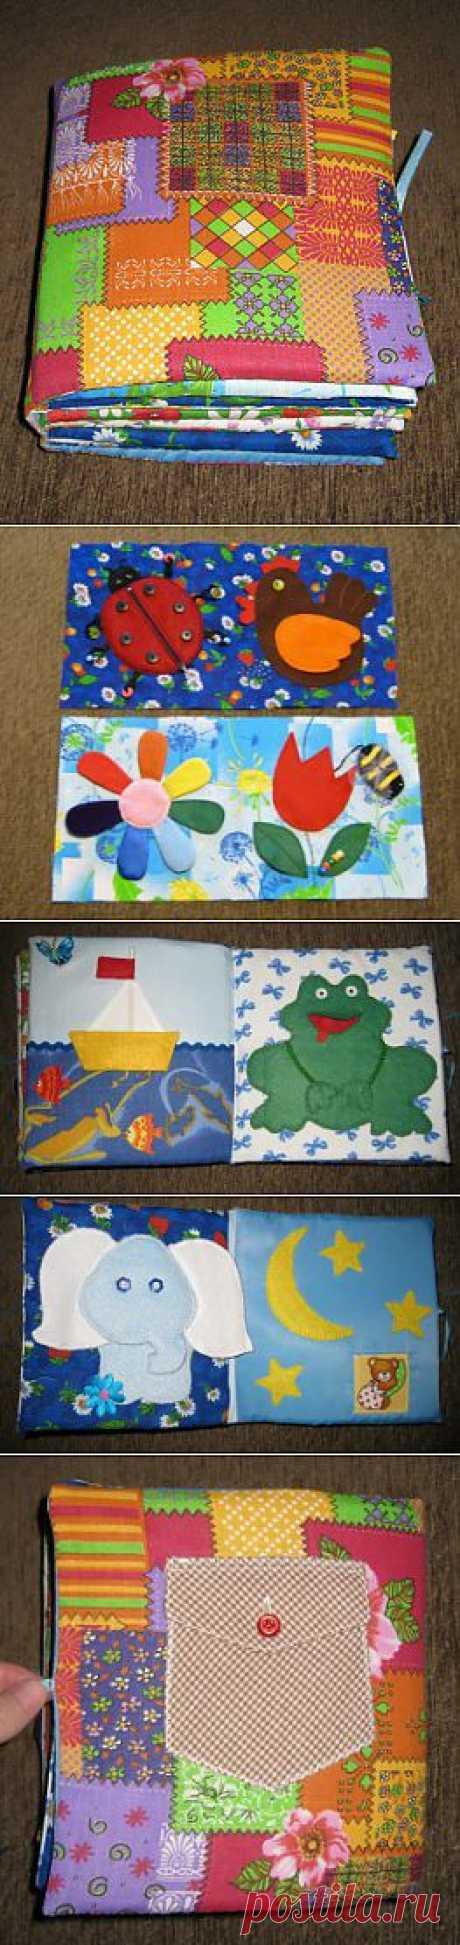 Дневник рукодельницы » Blog Archive » Развивающая книжка для малыша